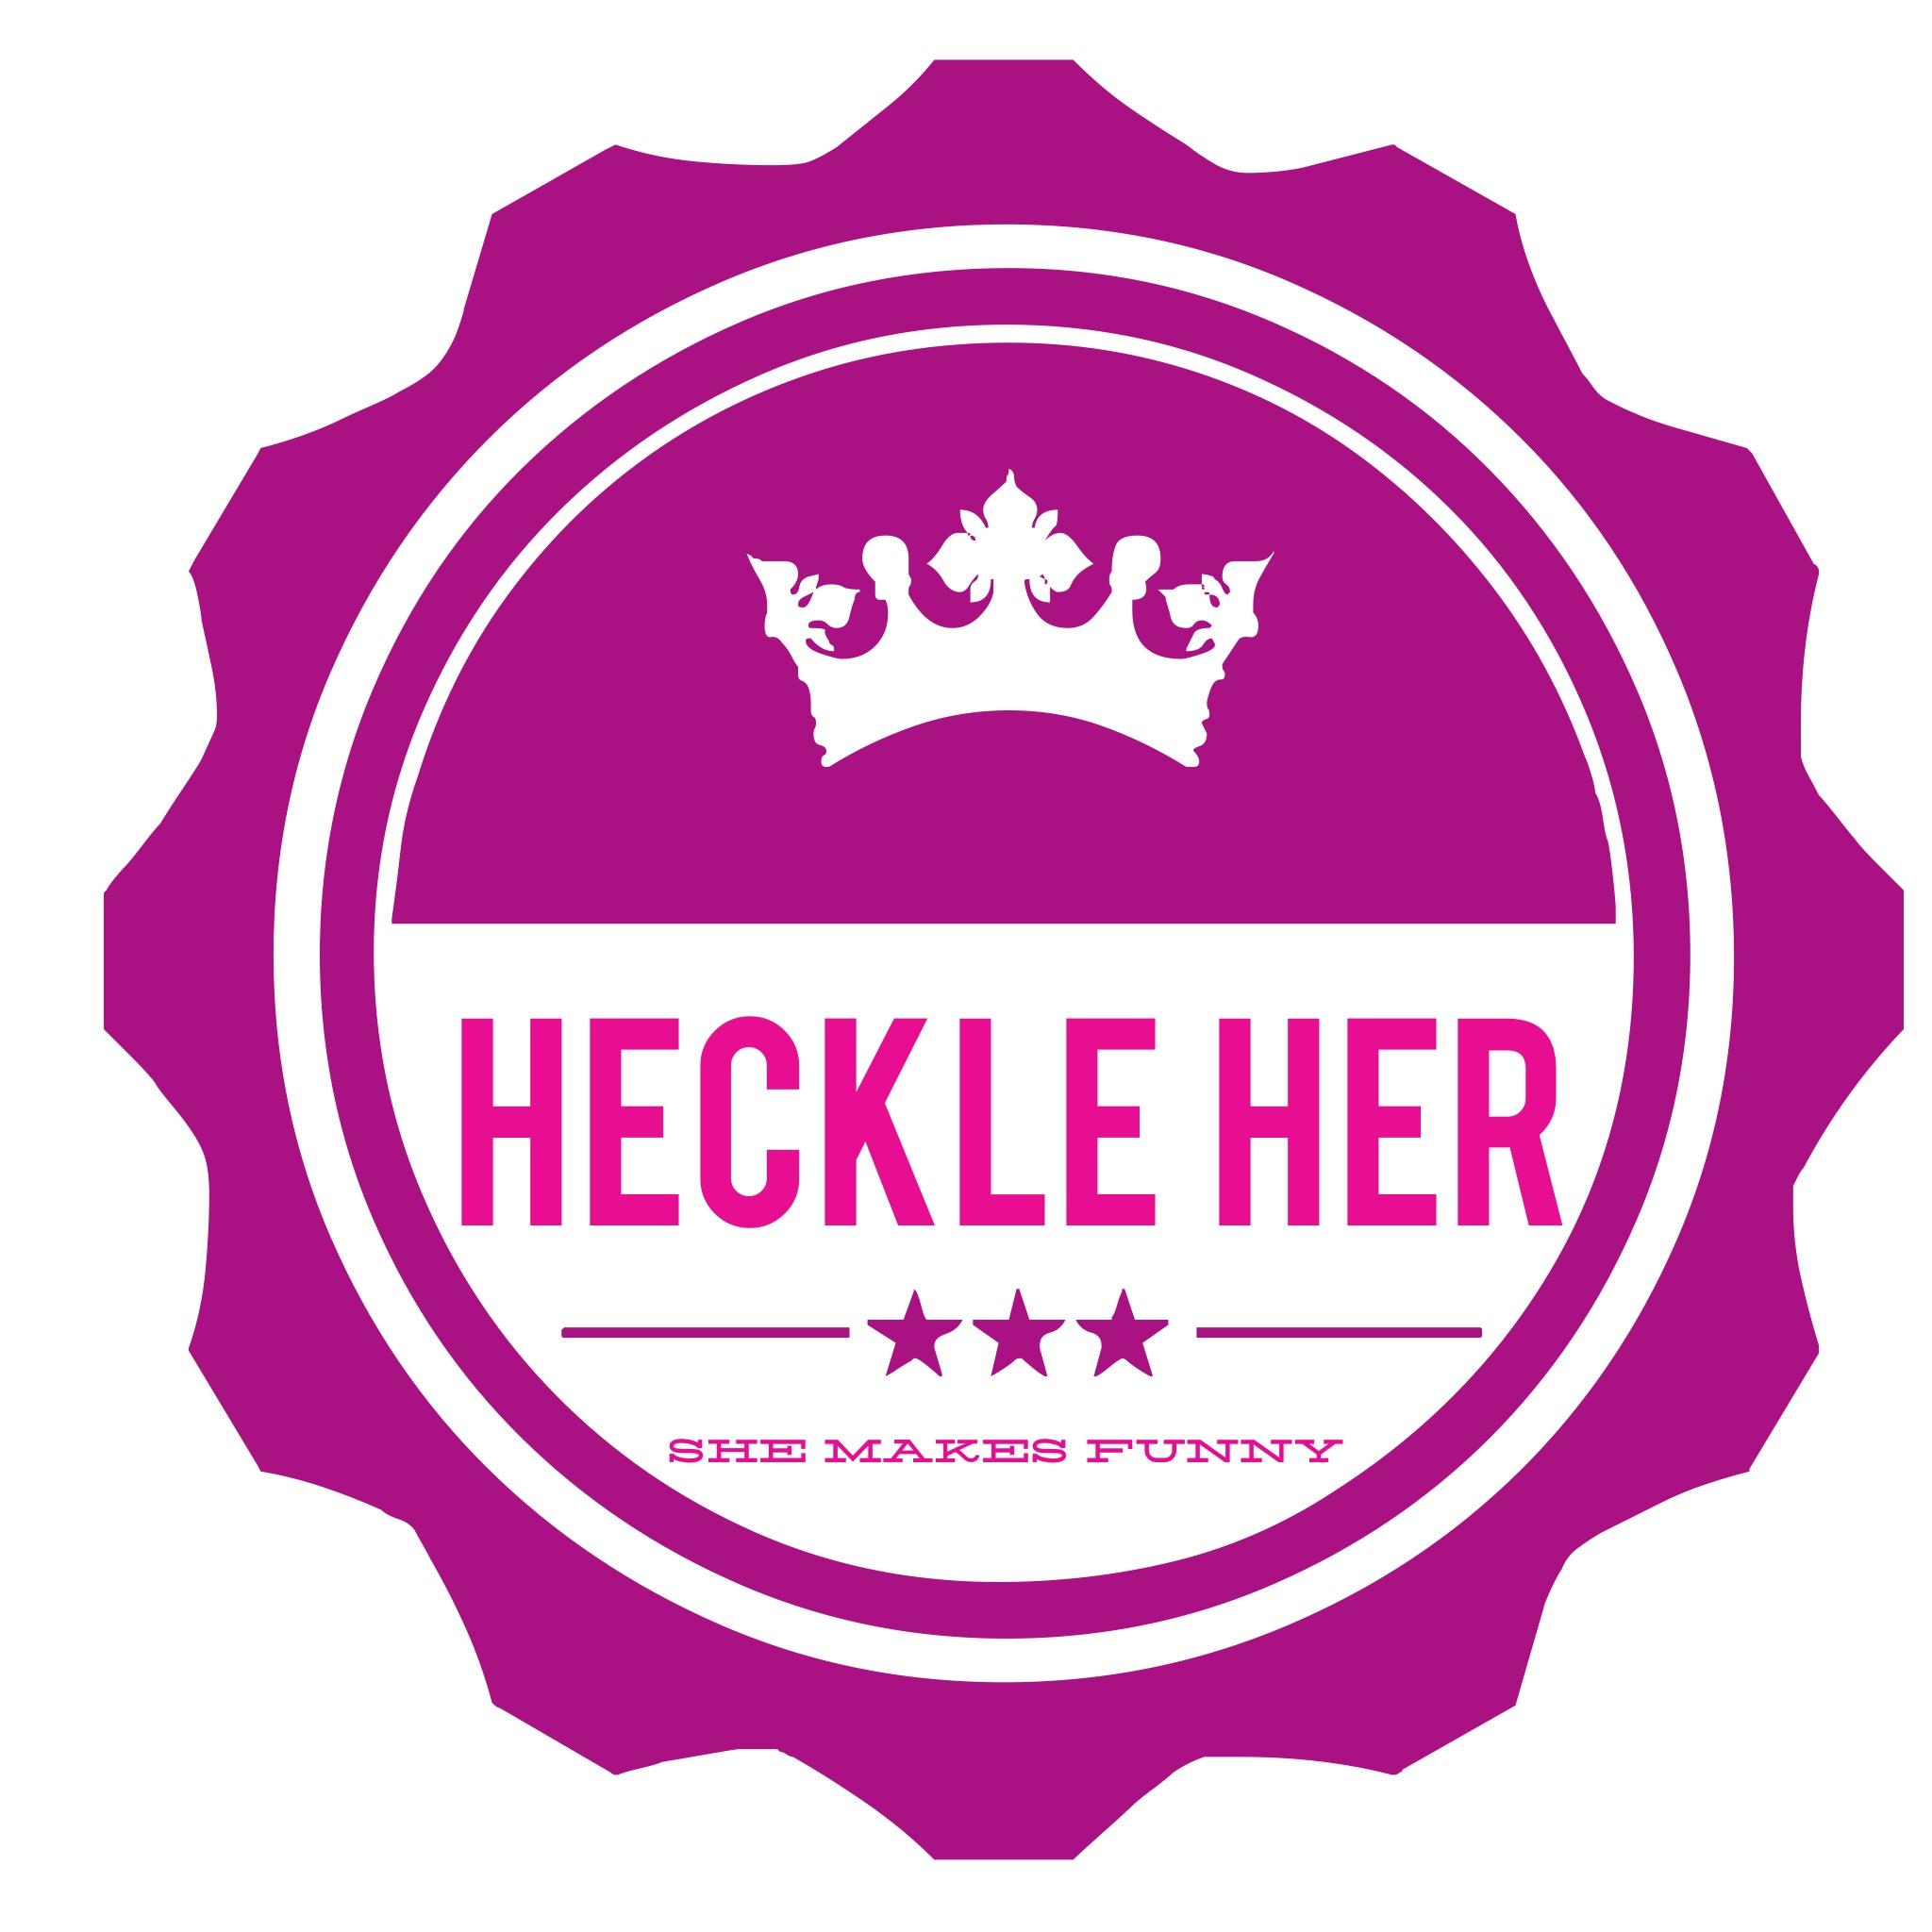 heckleherlogo